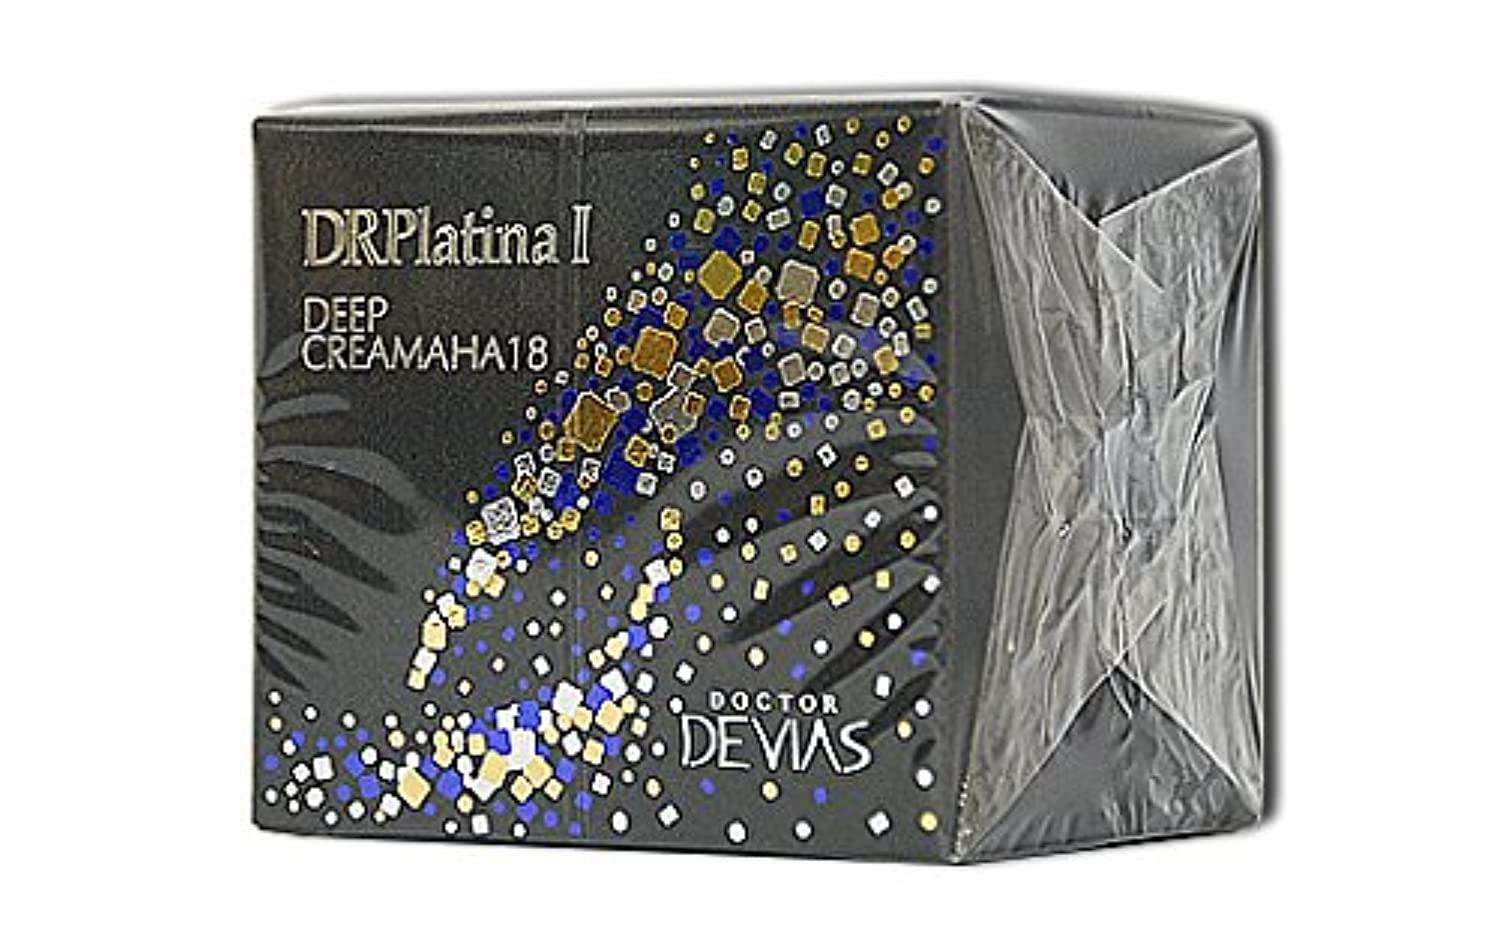 実業家記念品無謀DRデヴィアス プラチナ ディープ クリーム AHA18 Ⅱ 30g